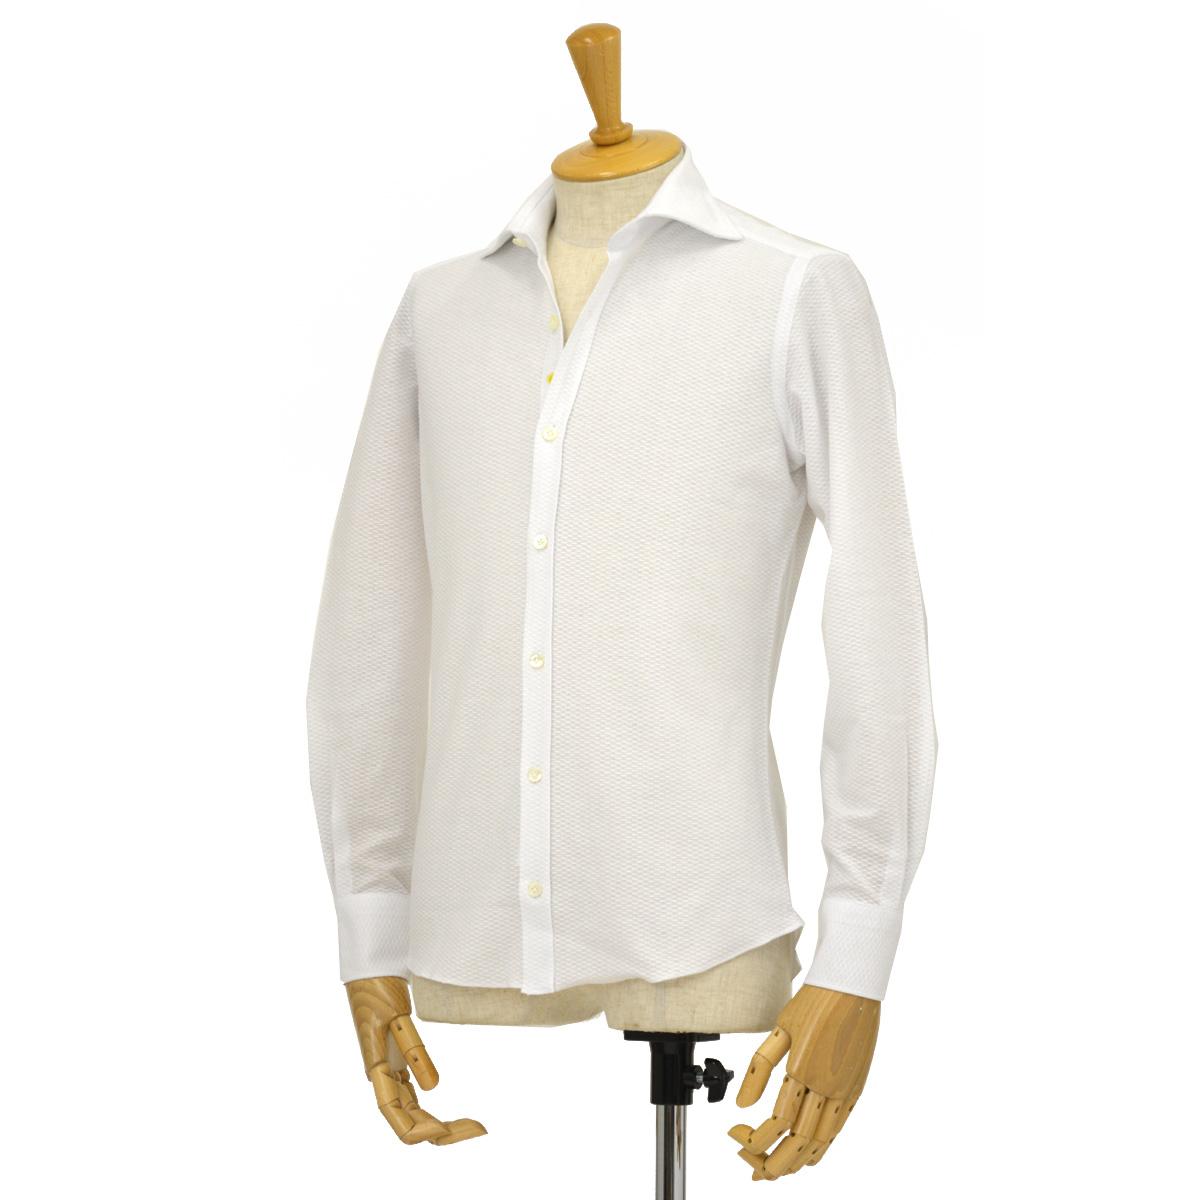 Giannetto【ジャンネット】折り柄ジャージーシャツ VINCIFIT 8G18637V81 002 コットン ホワイト